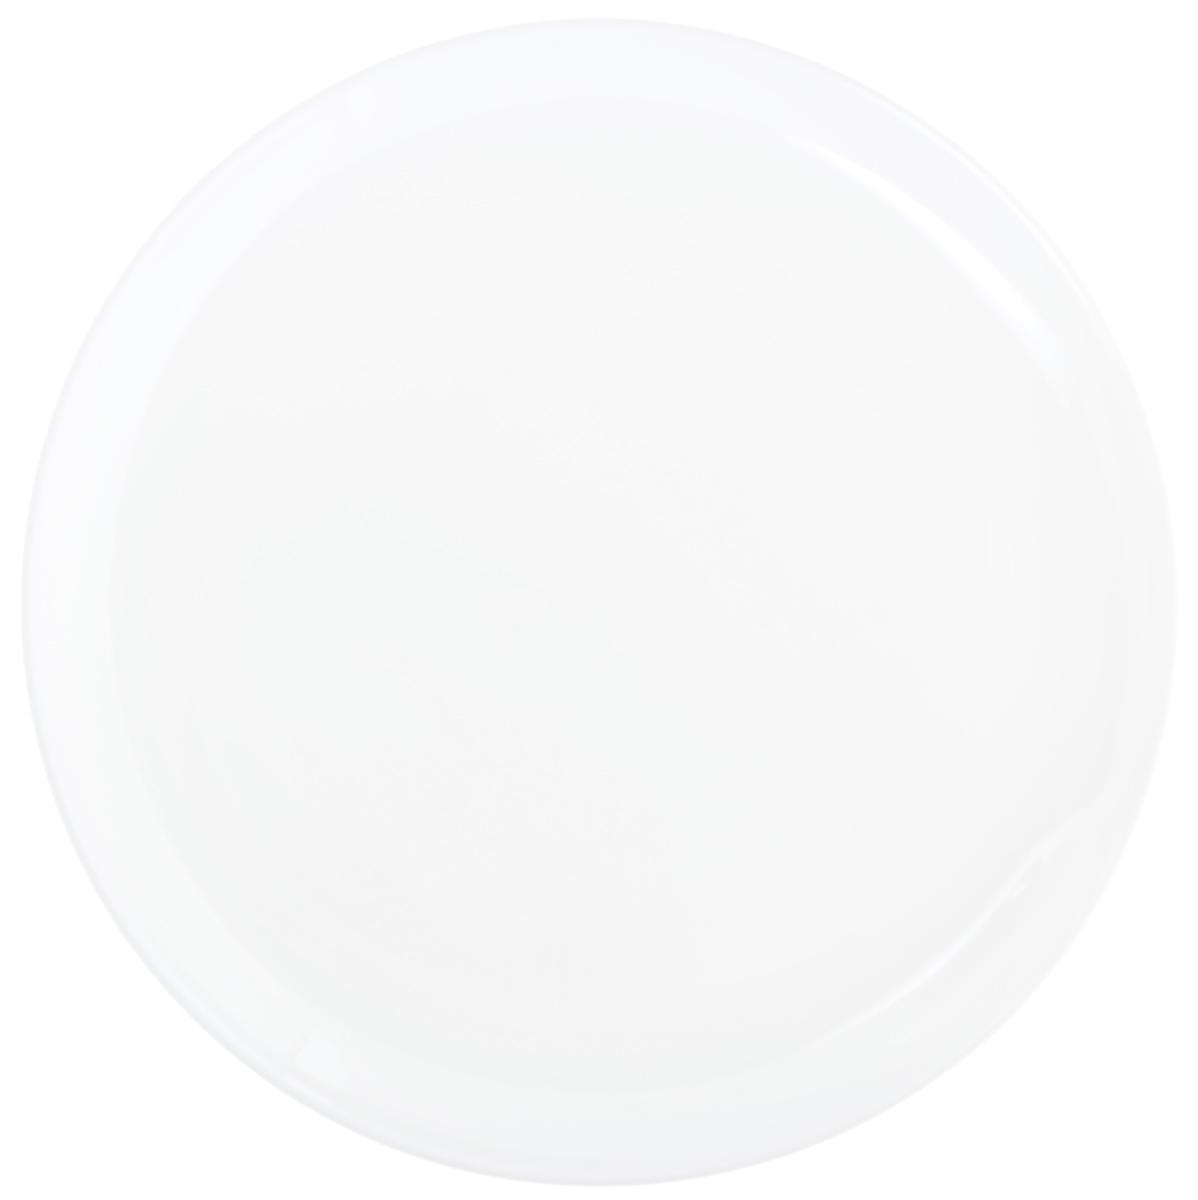 Тарелка обеденная Luminarc Diwali, диаметр 25 смFS-91909Обеденная тарелка Luminarc Diwali, изготовленная из высококачественного стекла, имеет изысканный внешний вид. Лаконичный дизайн придется по вкусу и ценителям классики, и тем, кто предпочитает утонченность. Тарелка Luminarc Diwali идеально подойдет для сервировки стола и станет отличным подарком к любому празднику.Диаметр (по верхнему краю): 25 см.